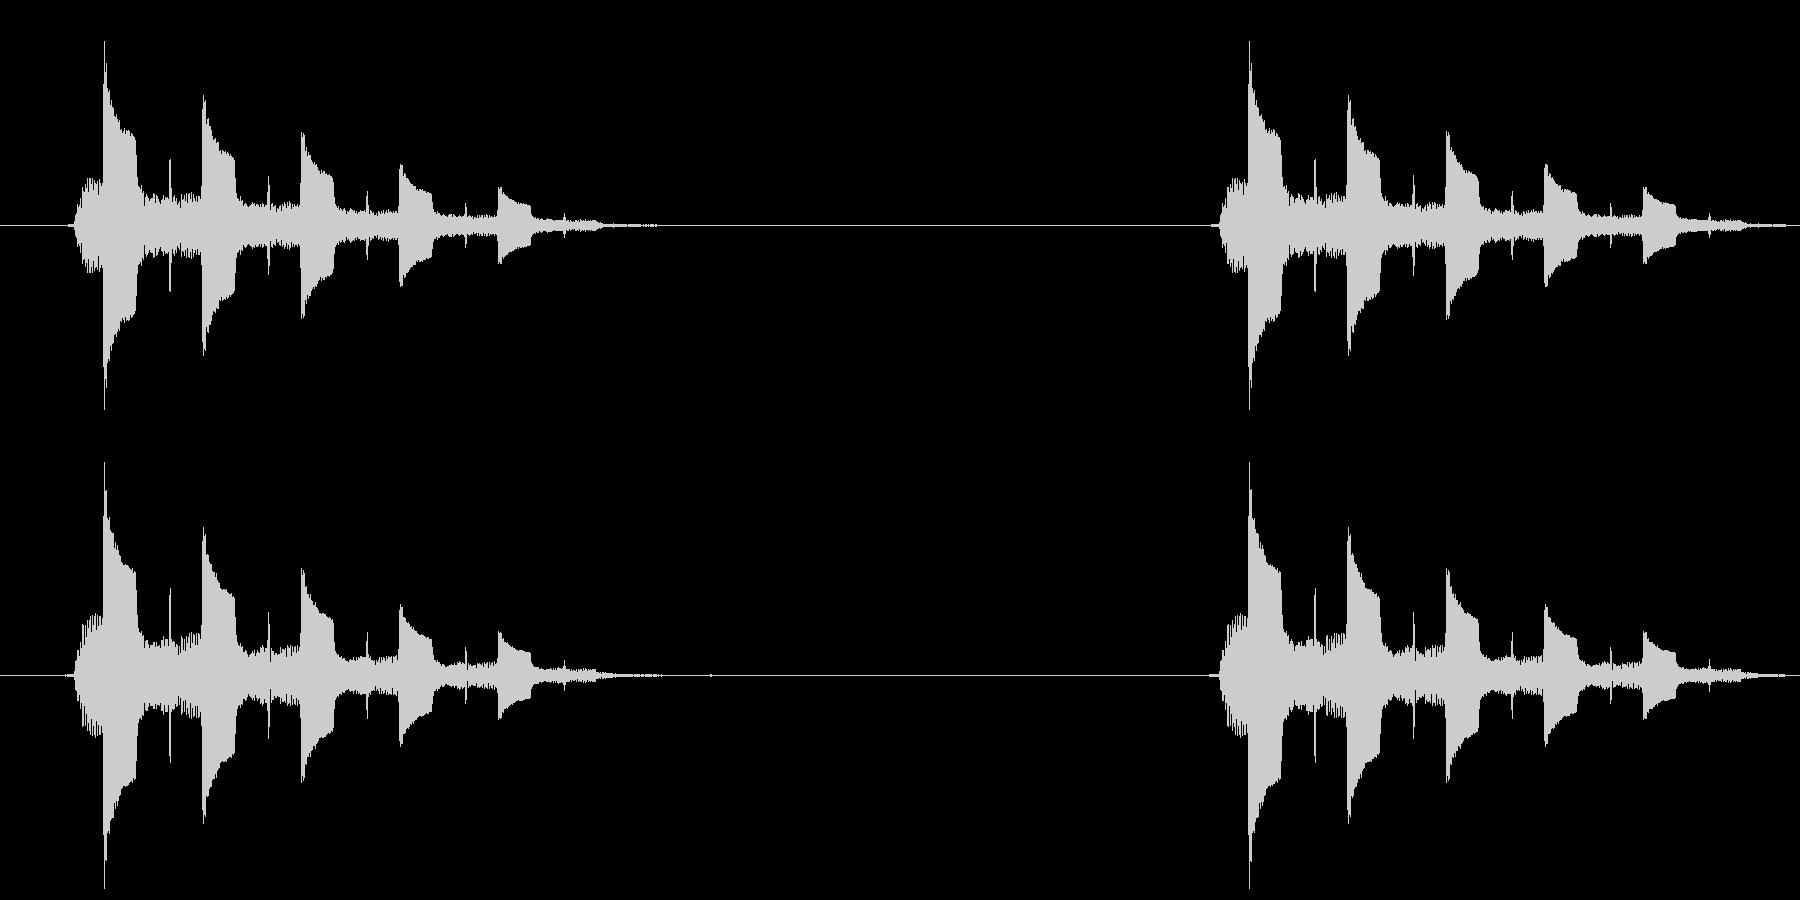 トゥルルルル、という電話の音ですの未再生の波形